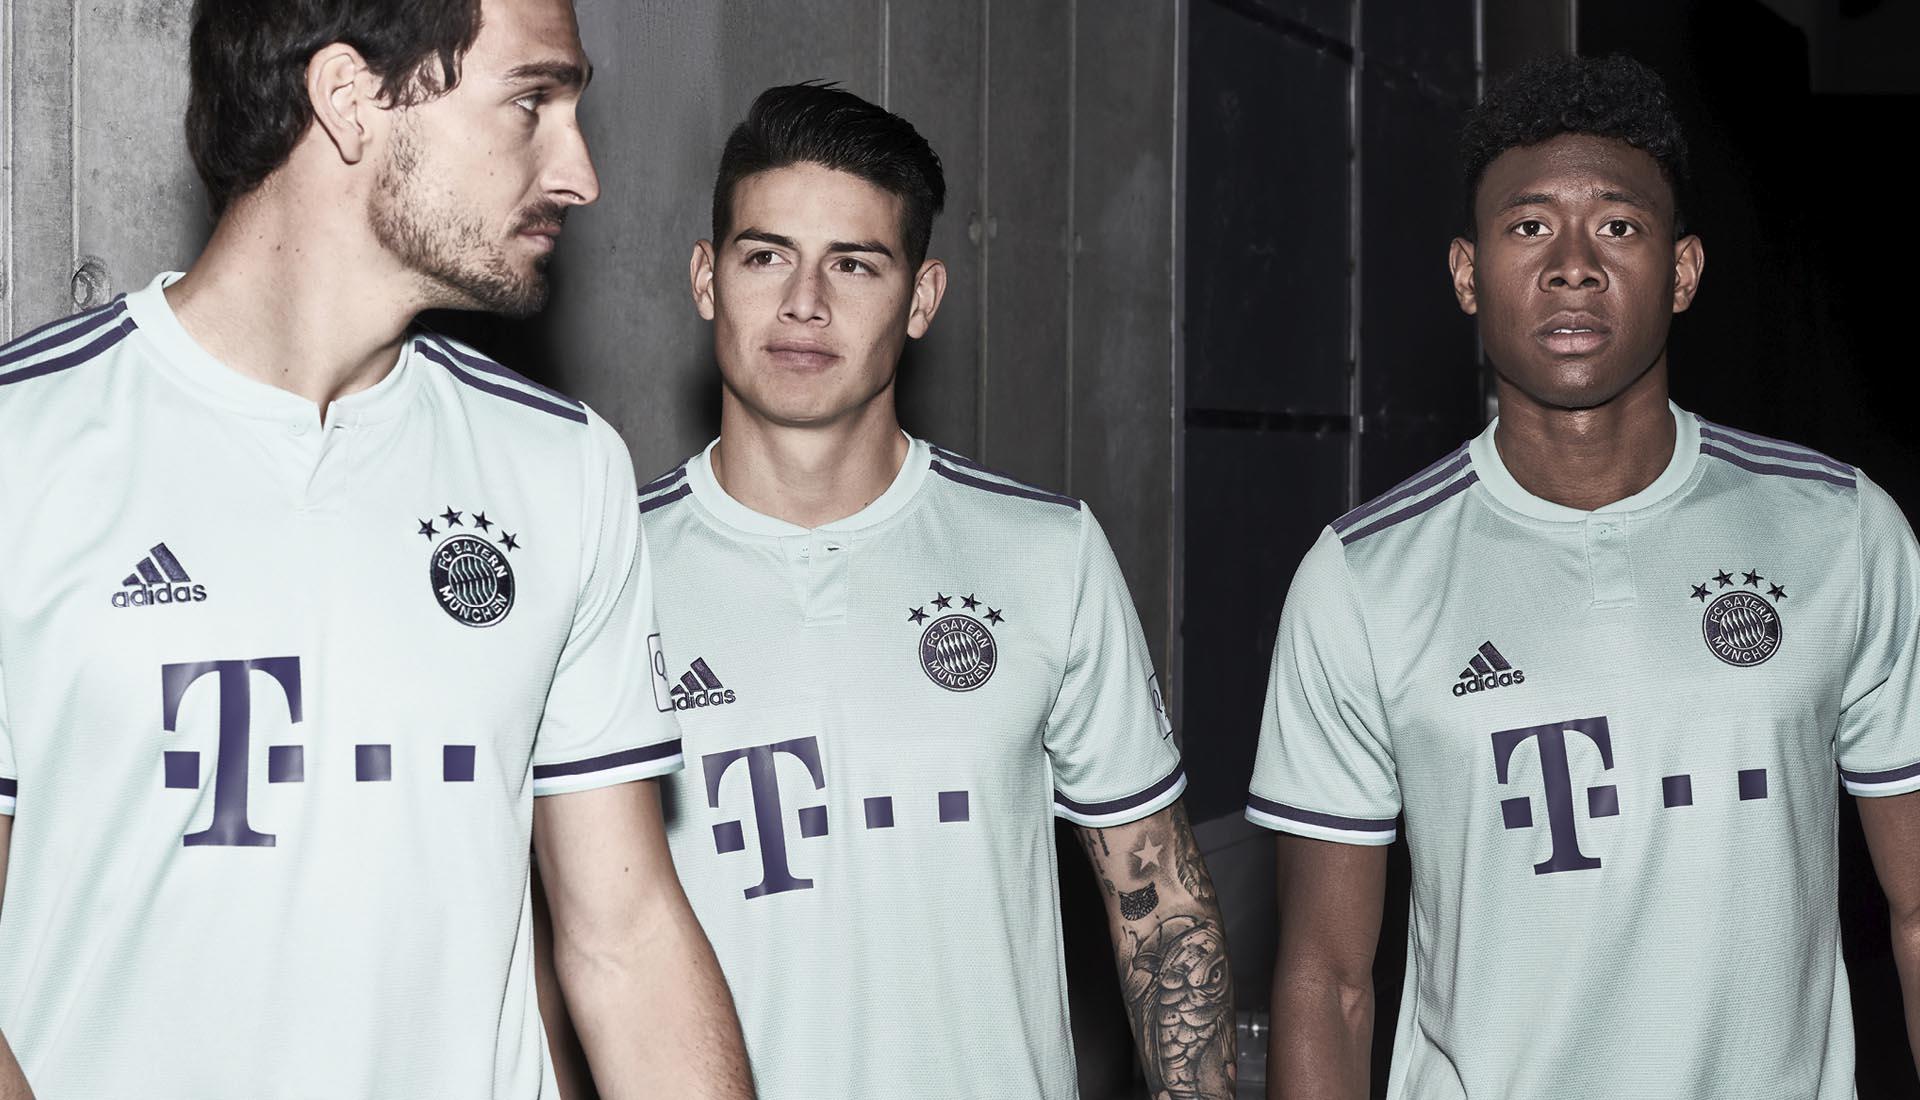 Bayern München uitshirt 2018 2019